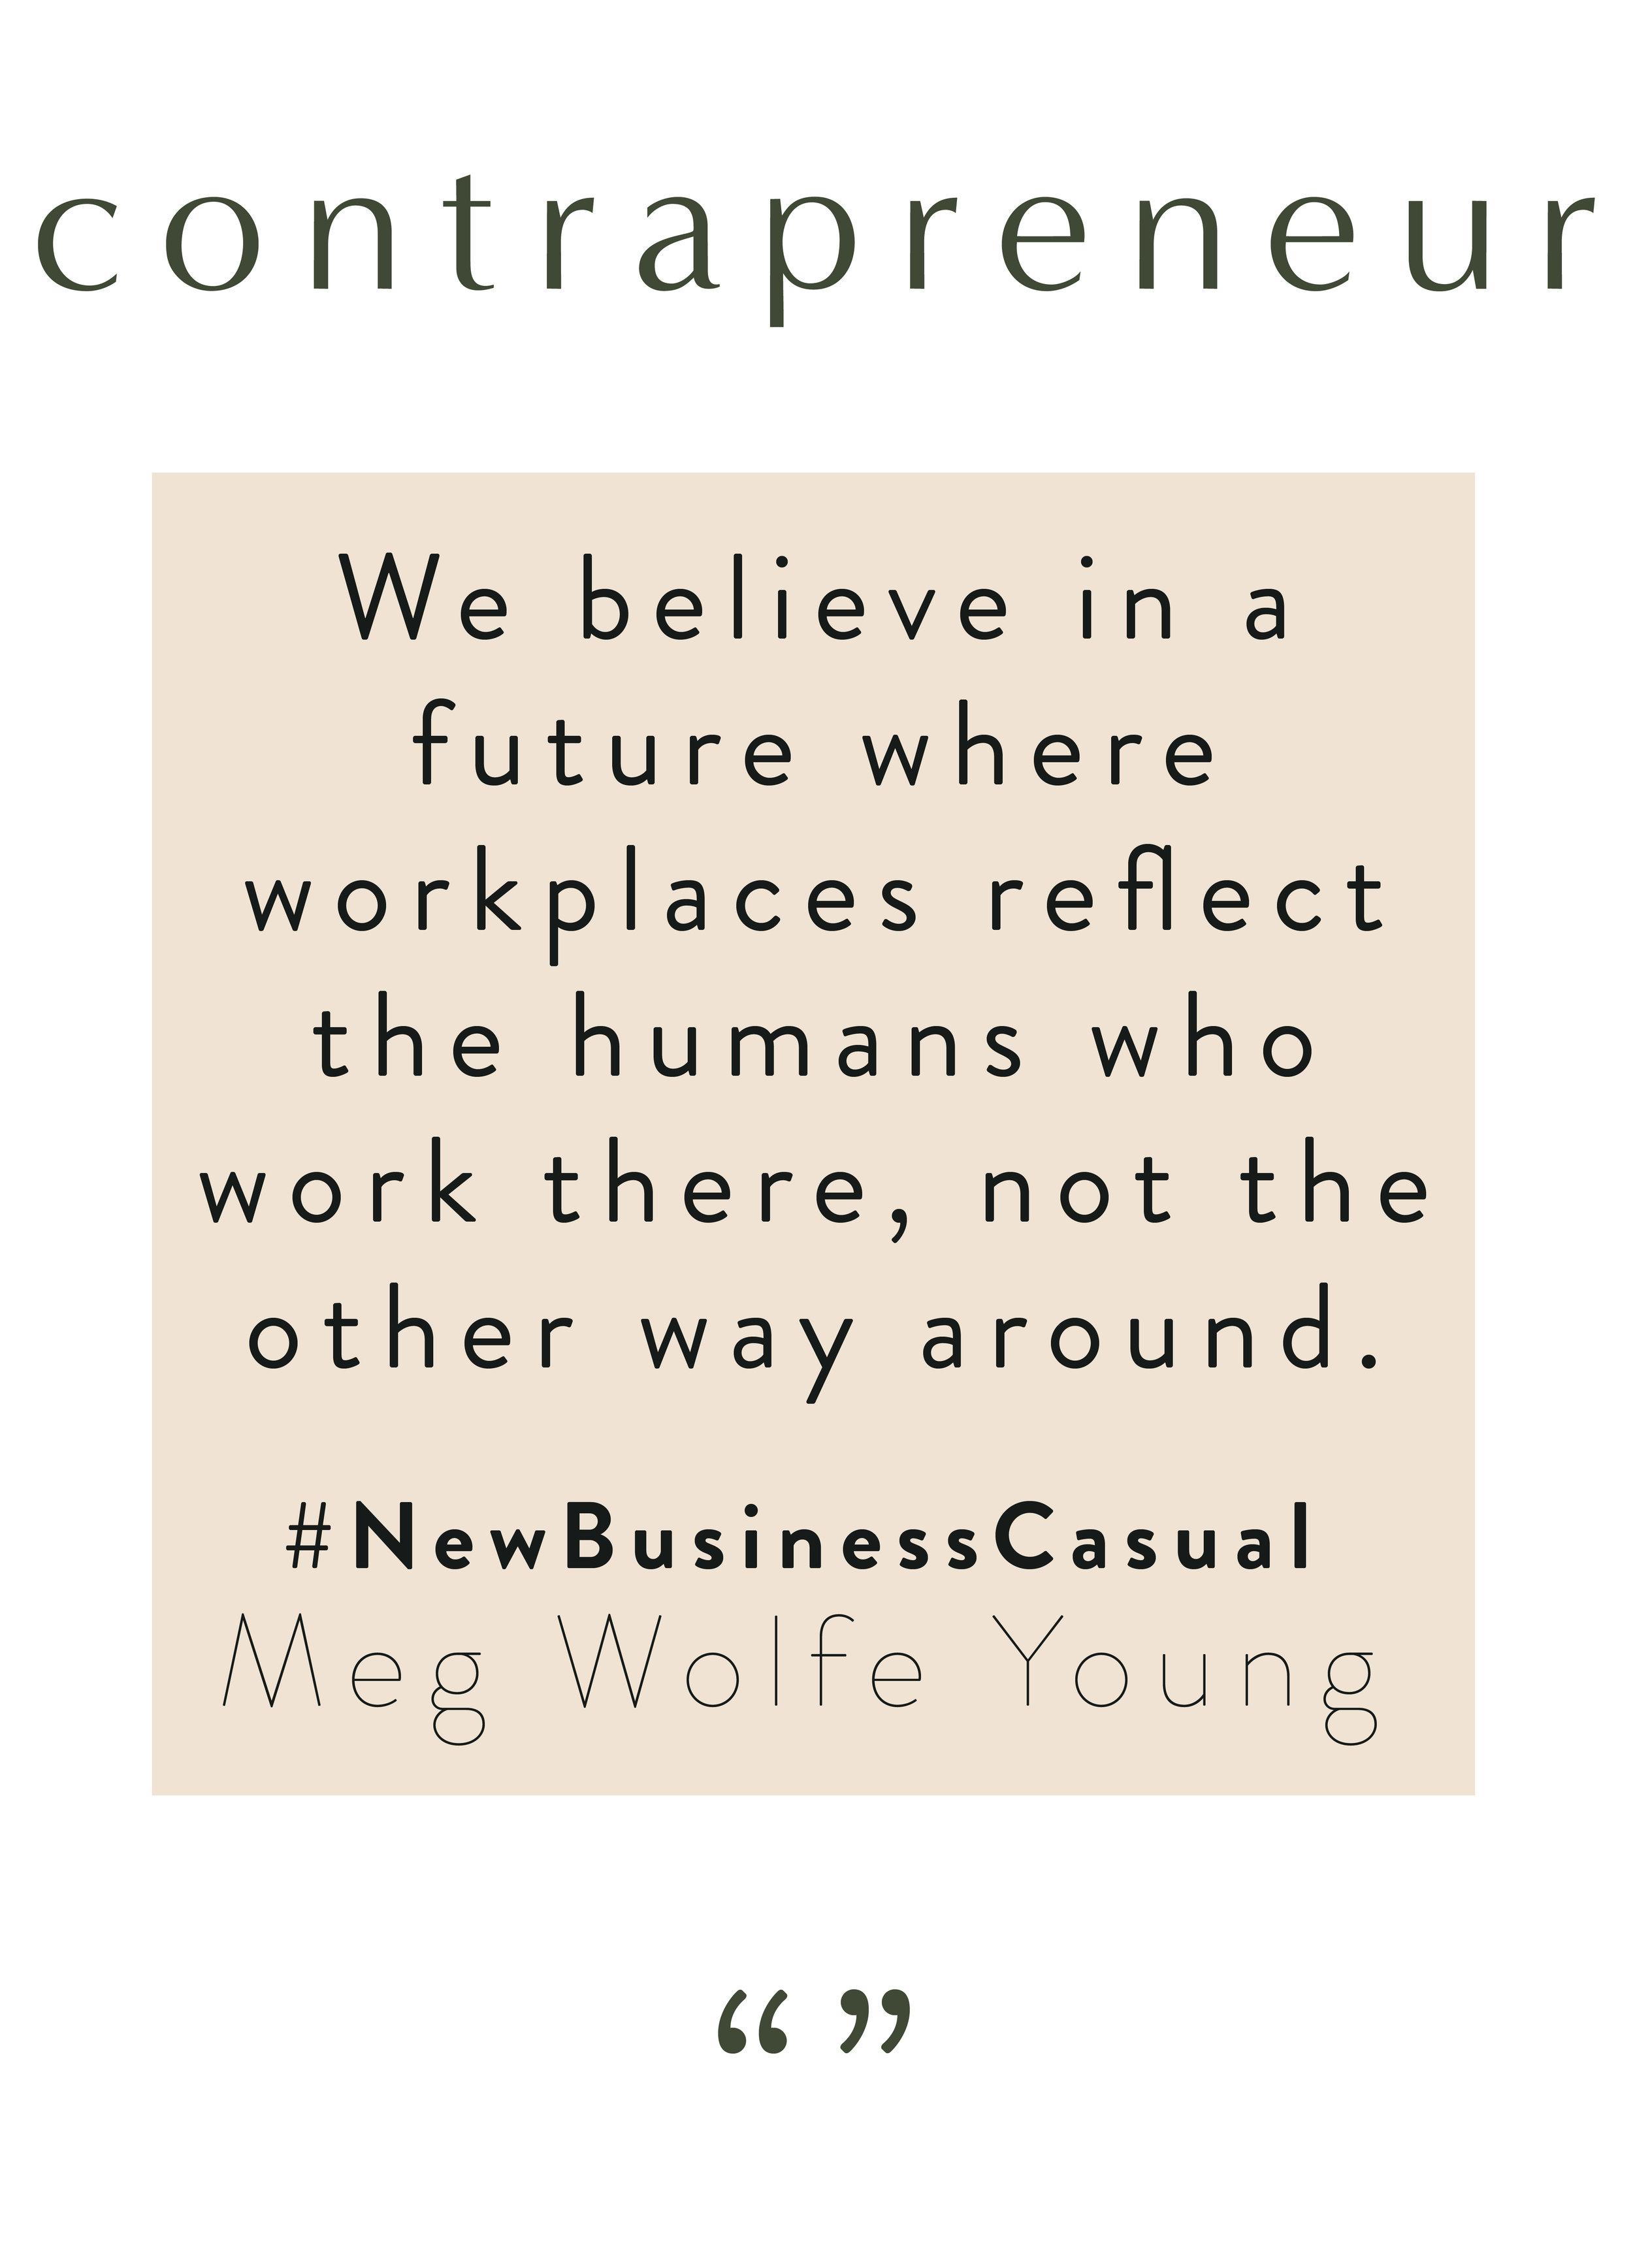 #NewBusinessCasual